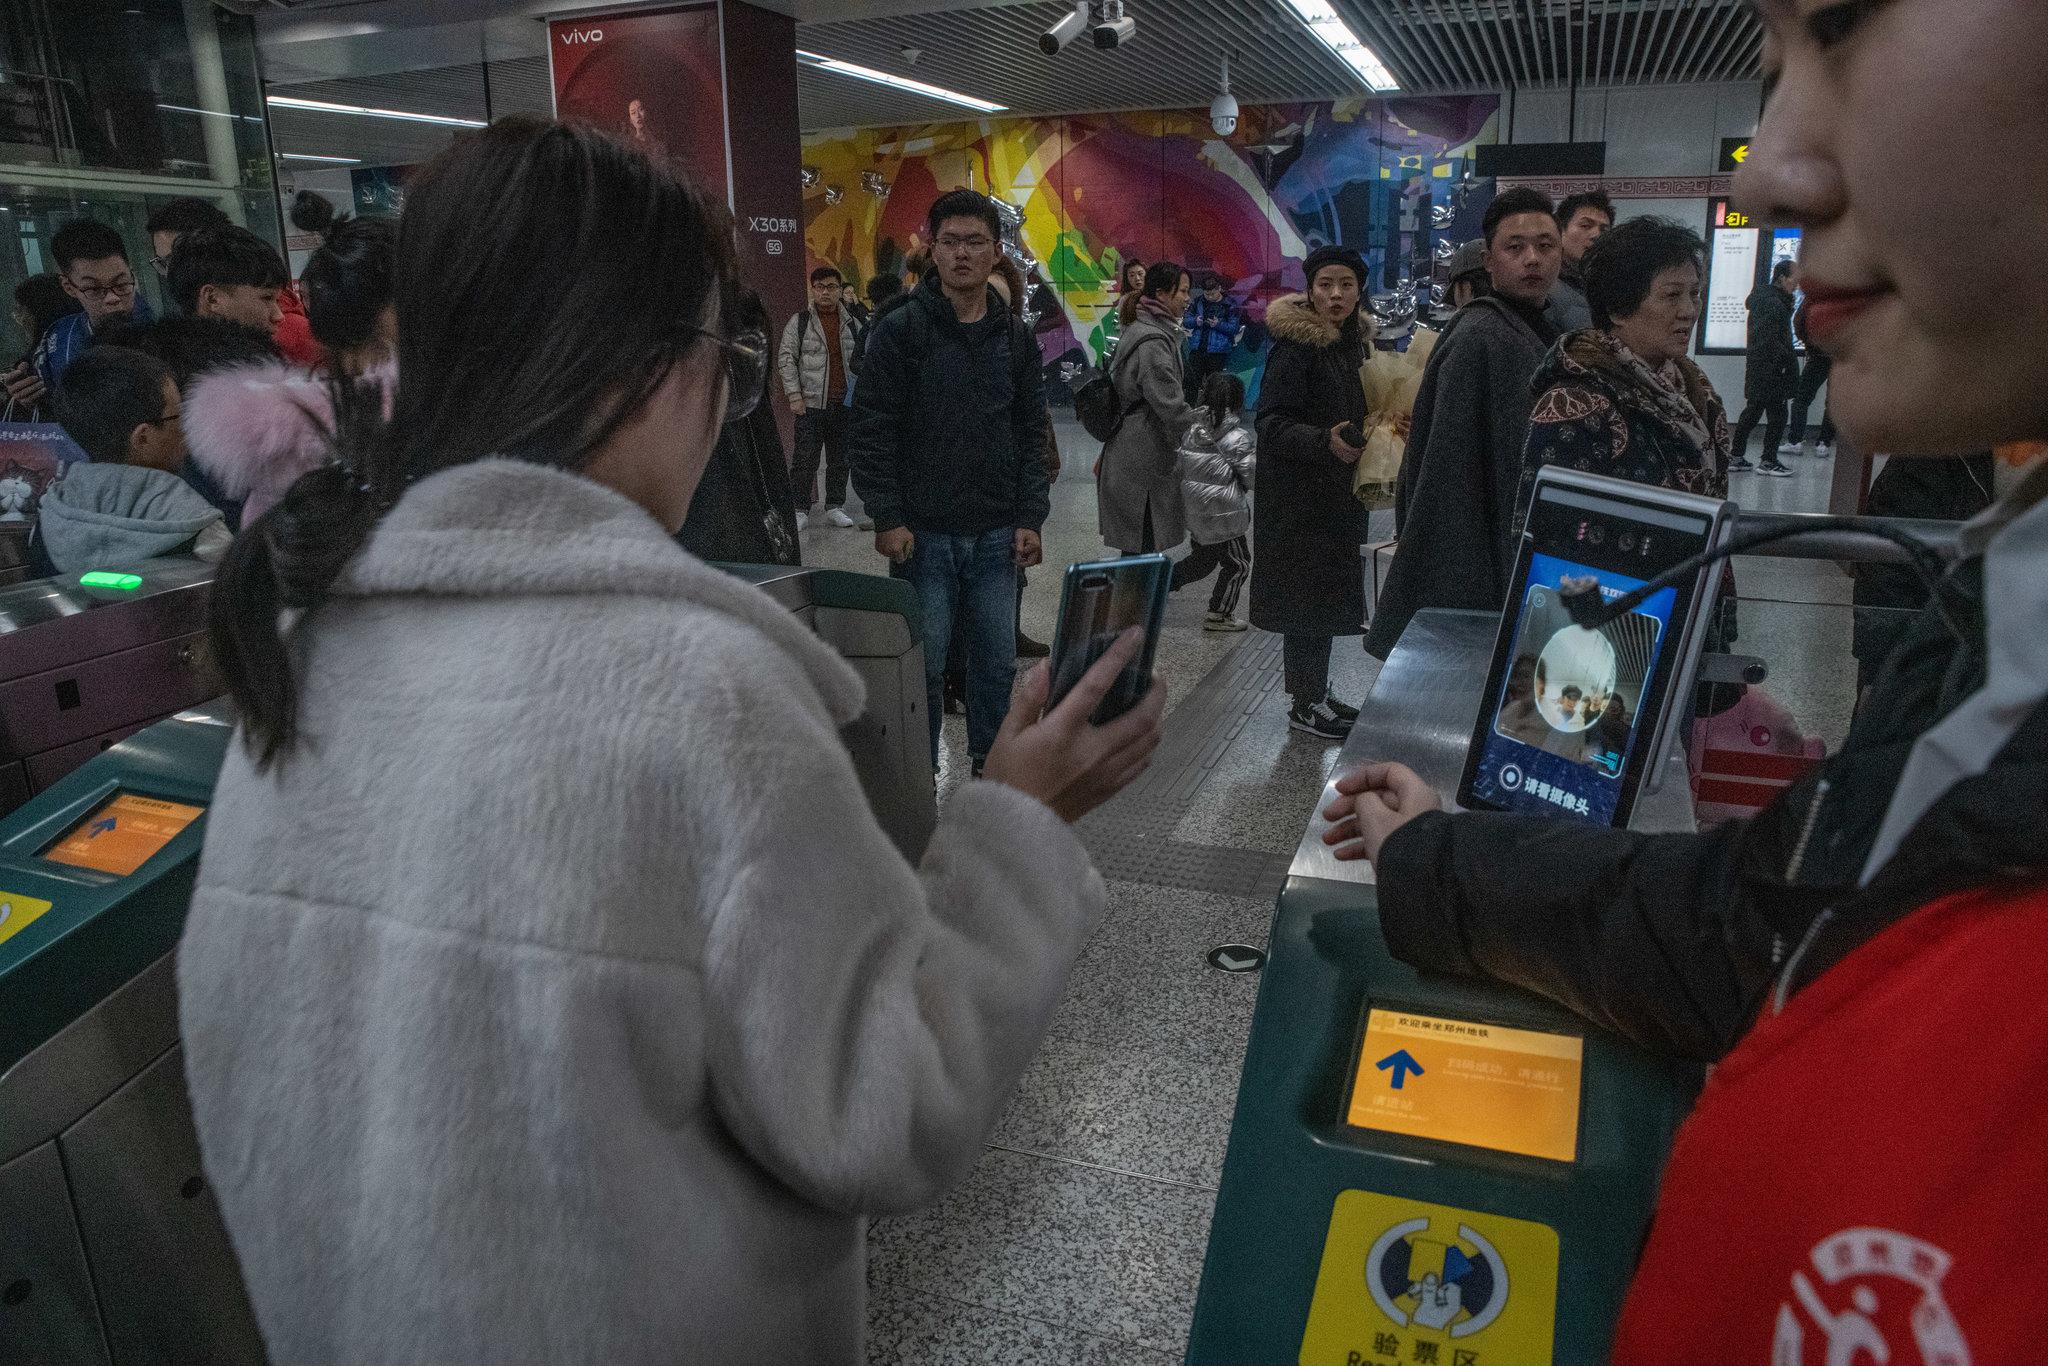 الصين تستخدم كاميرات الهواتف والماسح الضوئى للتعرف على أوجه الناس